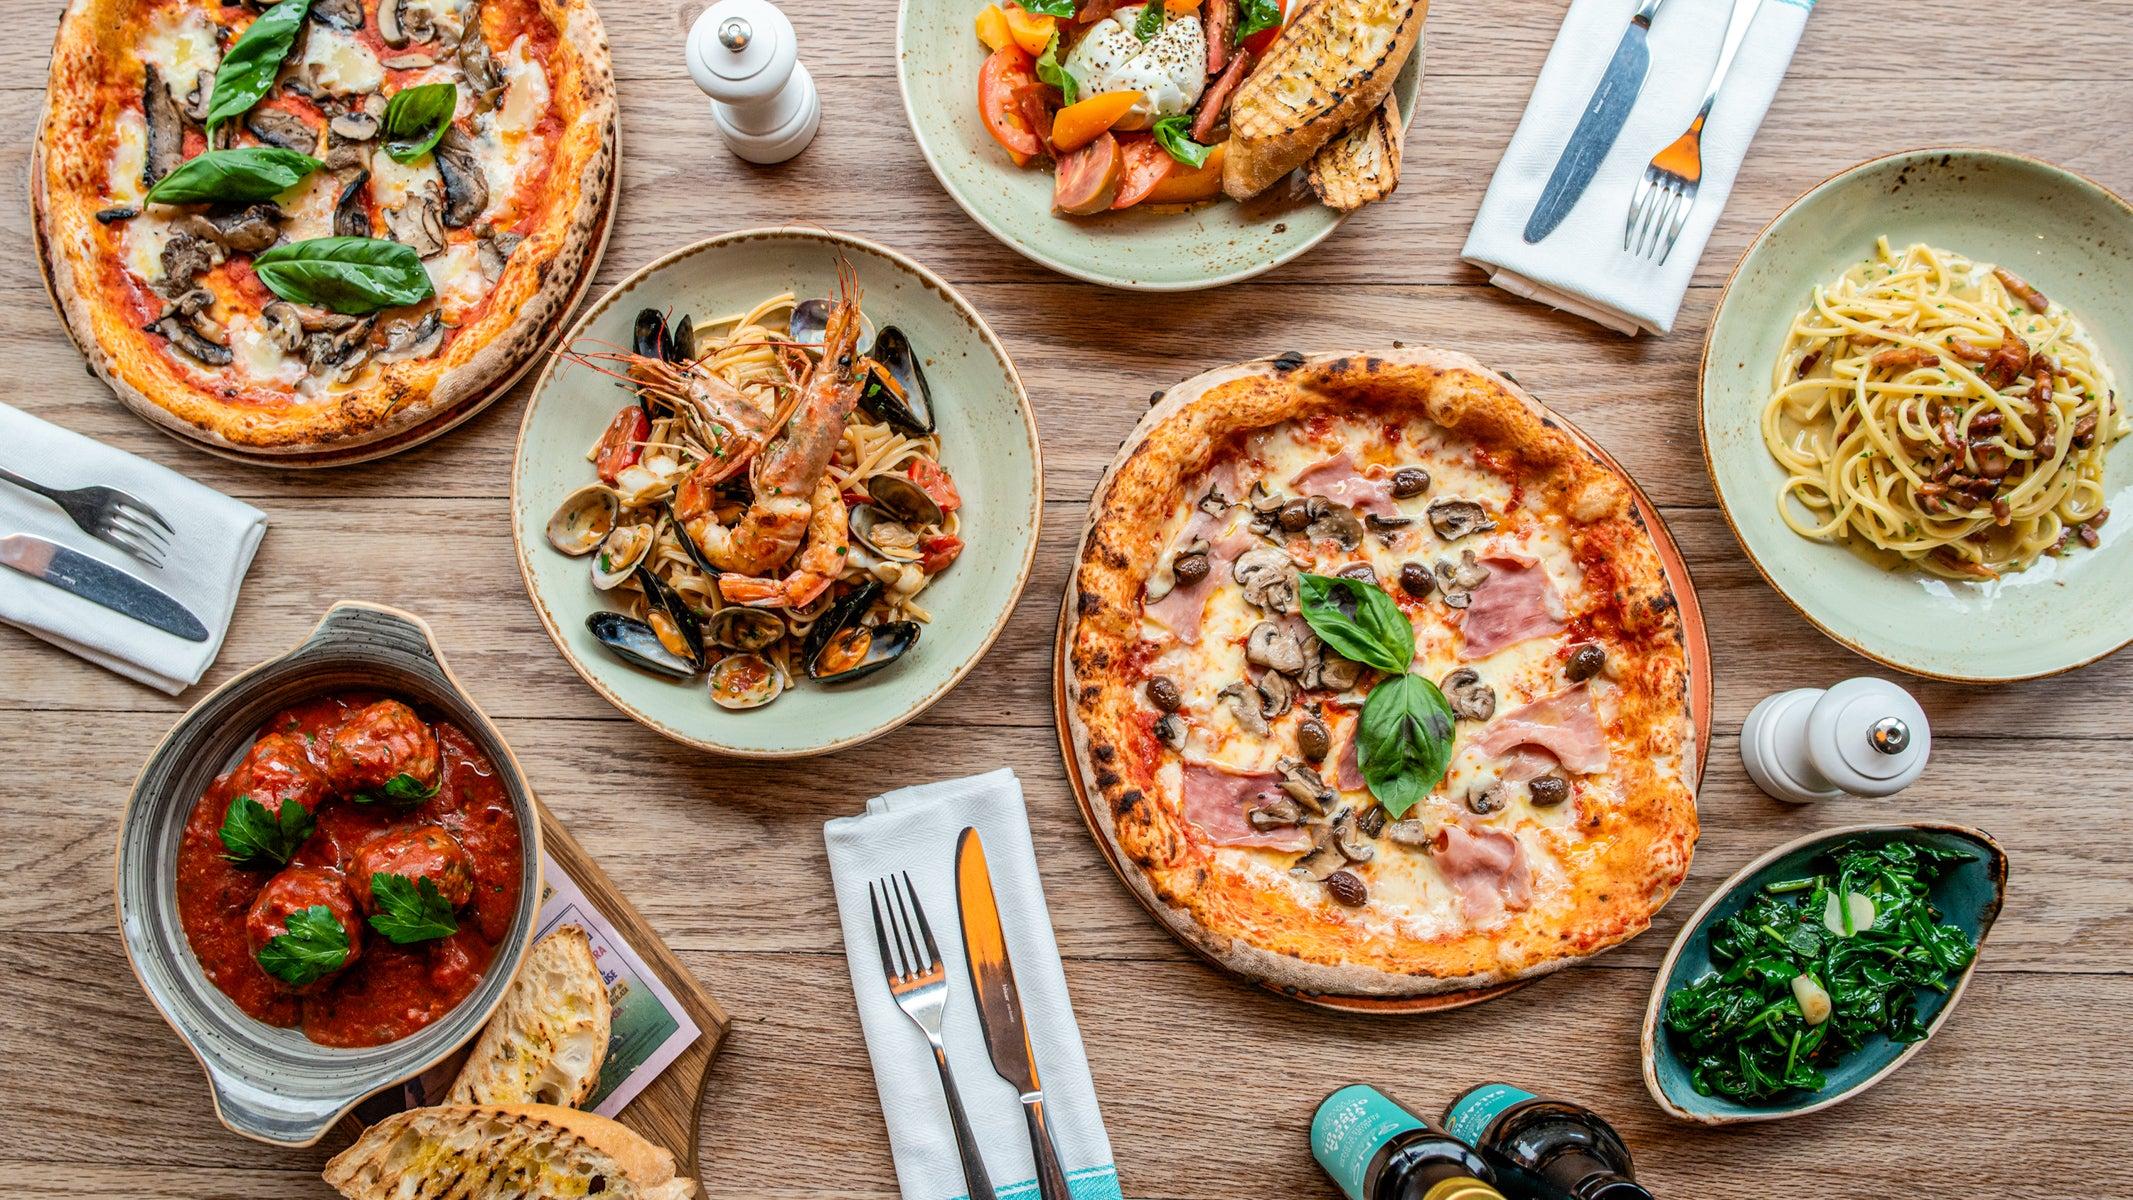 Italian Takeaway Delivered From Restaurants In Harrogate